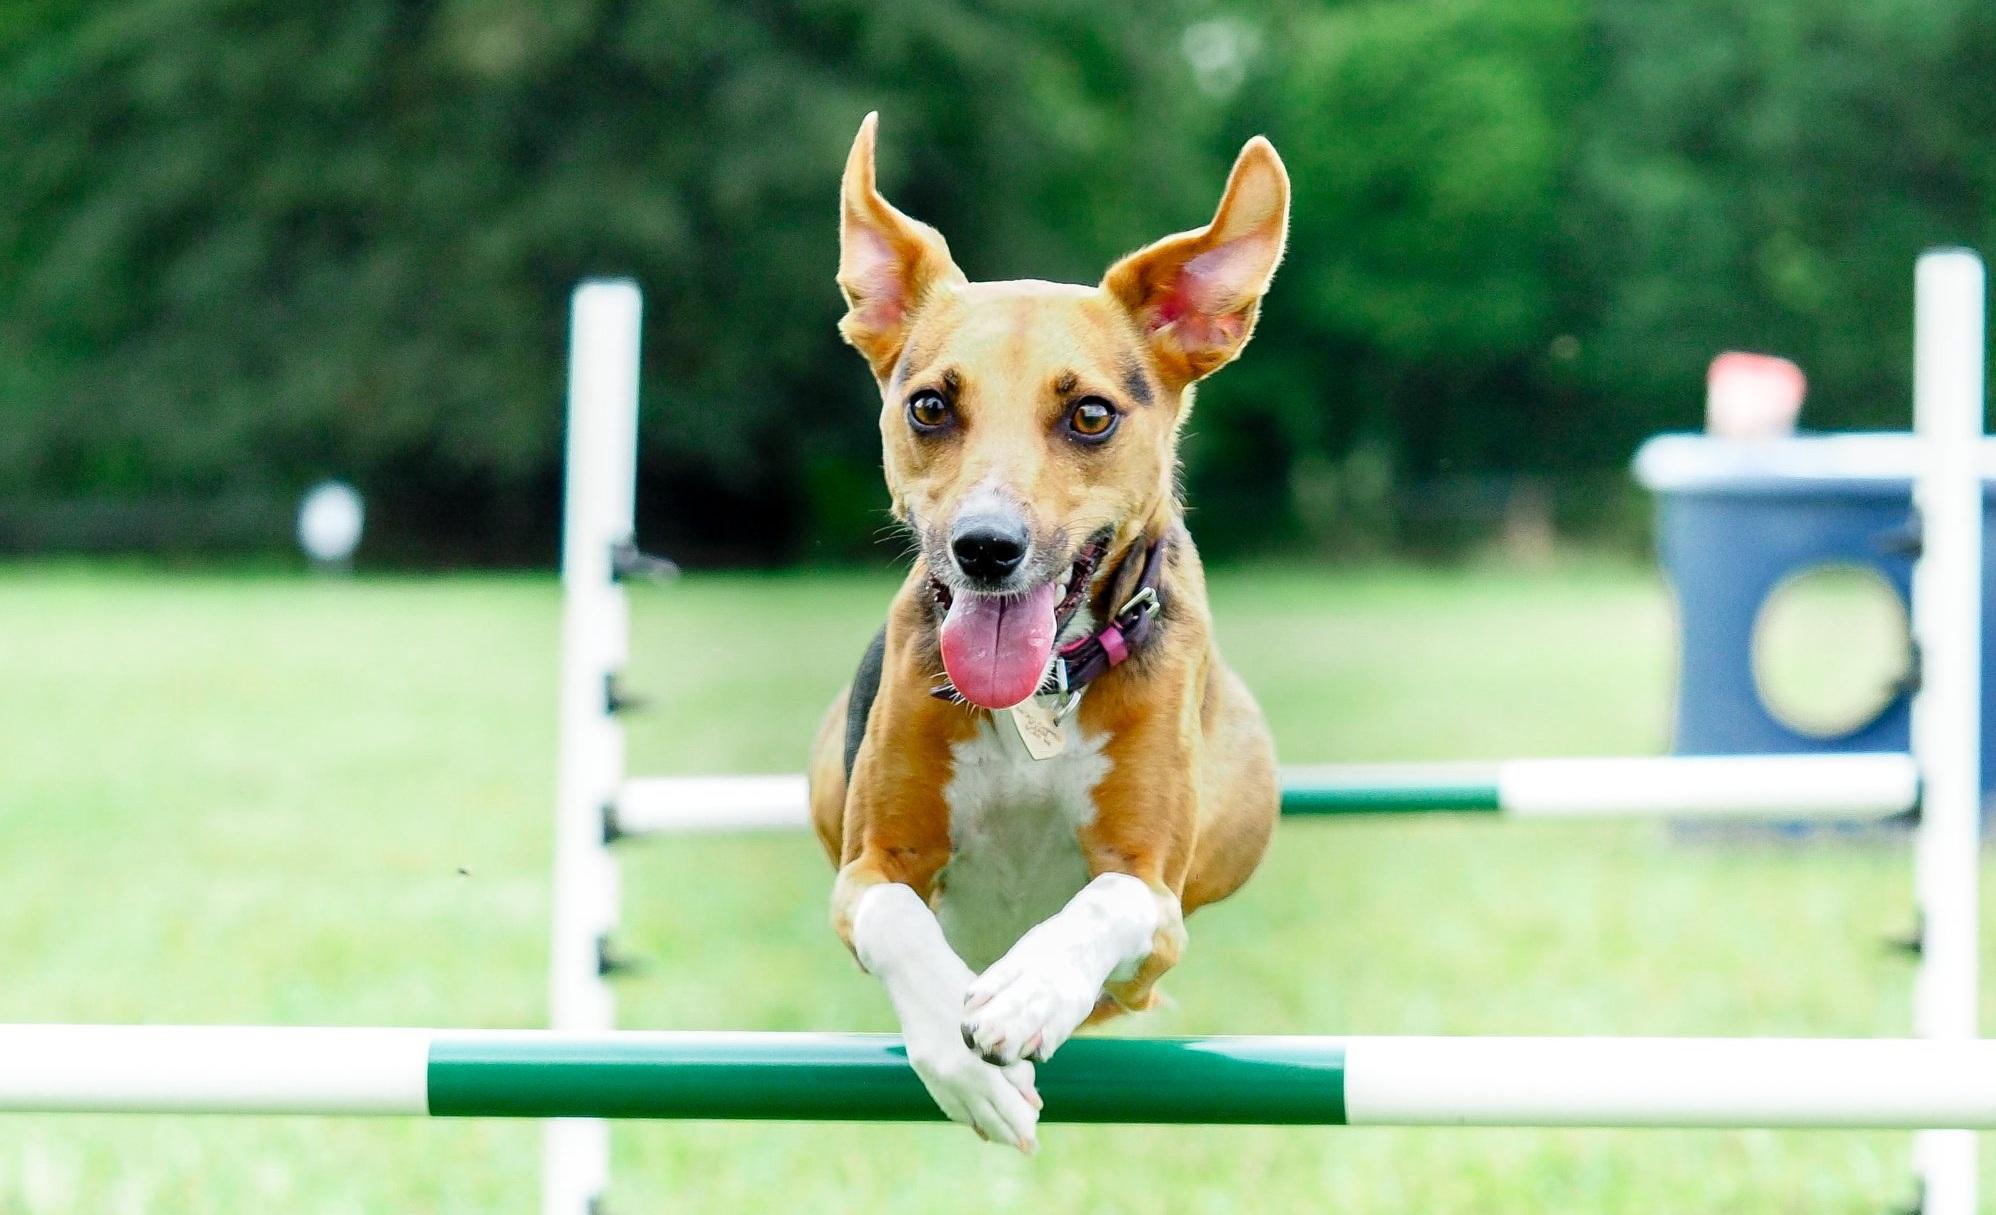 DOG WALKING FIELD -